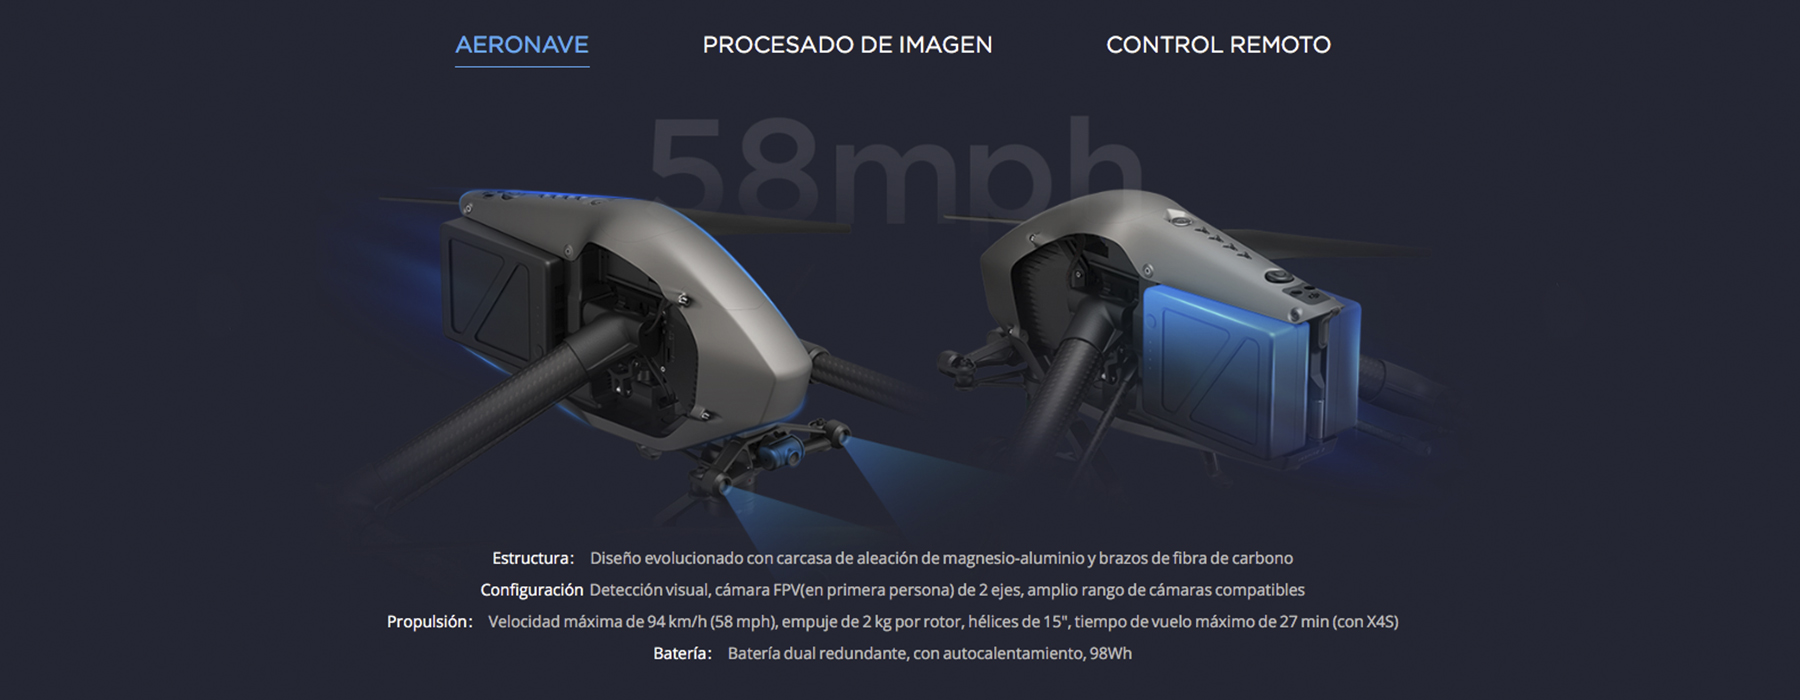 Aeronave DJI INSPIRE 2